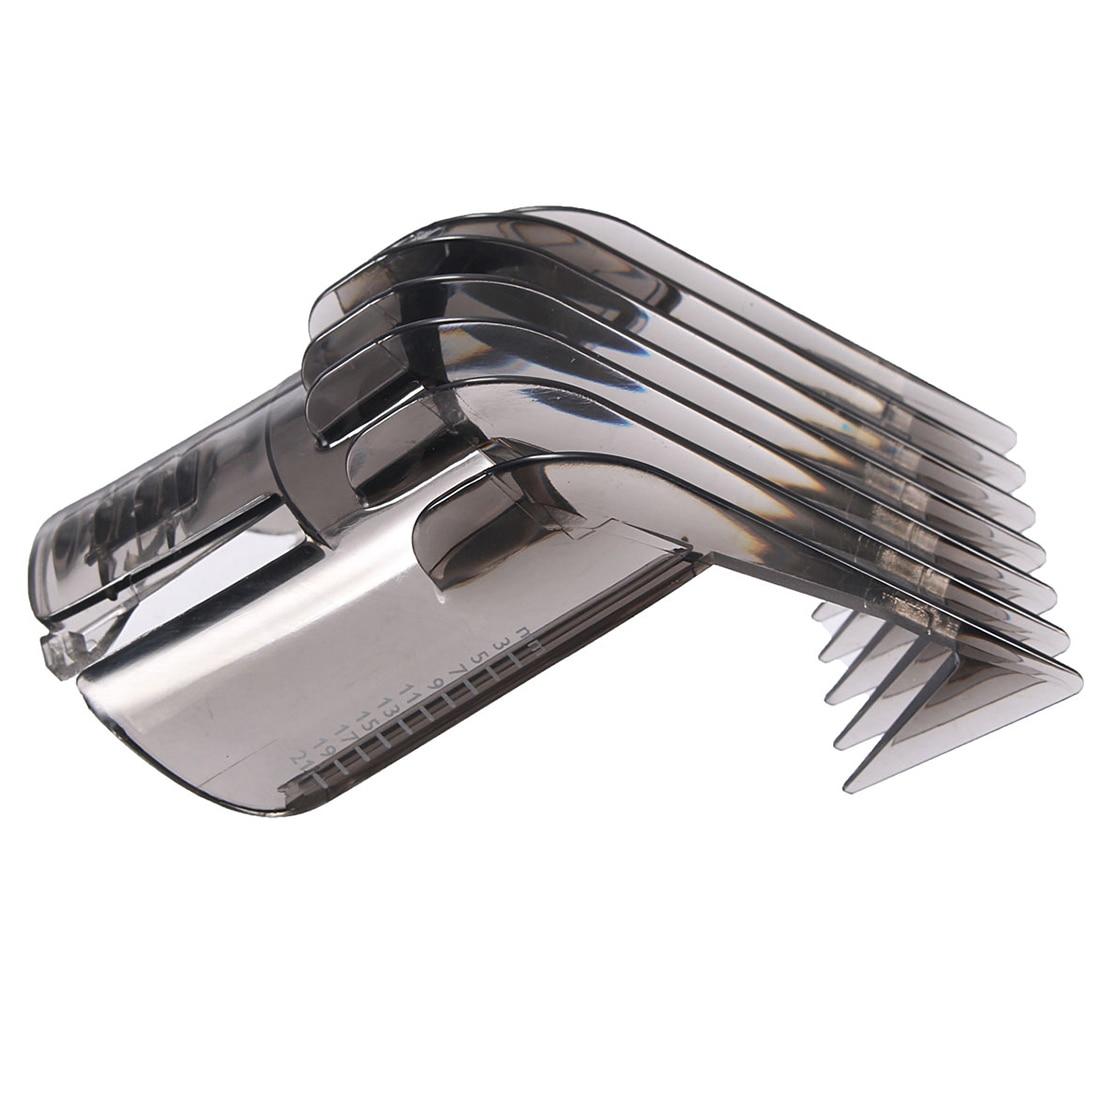 مشط HTHL-Hair Clippers Beard Trimmer لـ Philips QC5130 / - العناية بالشعر والتصميم